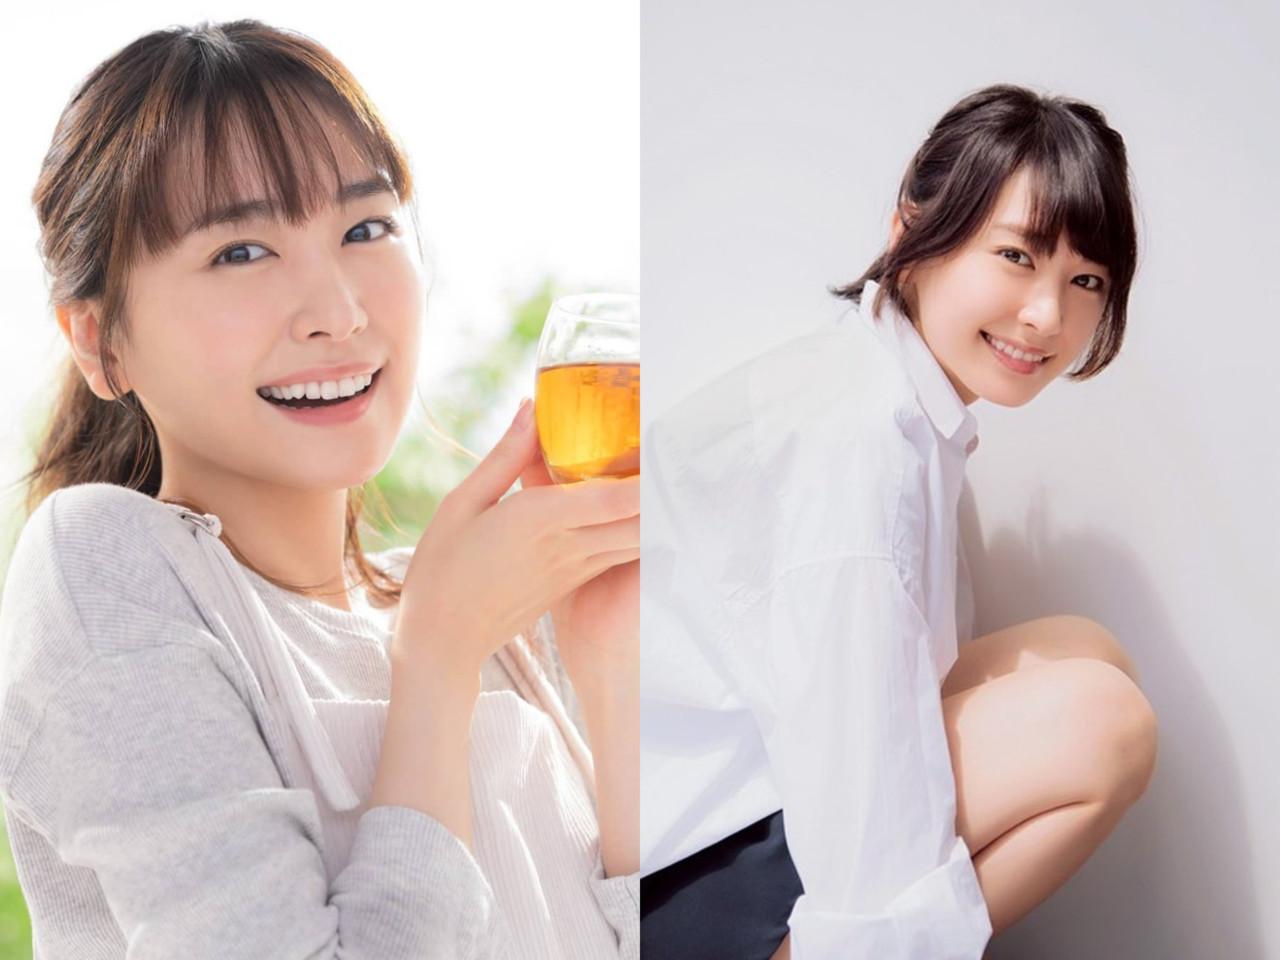 """Mỹ nhân được khao khát nhất Nhật Bản chia sẽ bước rửa mặt """"lạ đời"""" để duy trì làn da trắng mịn ở tuổi 32 - Ảnh 1."""